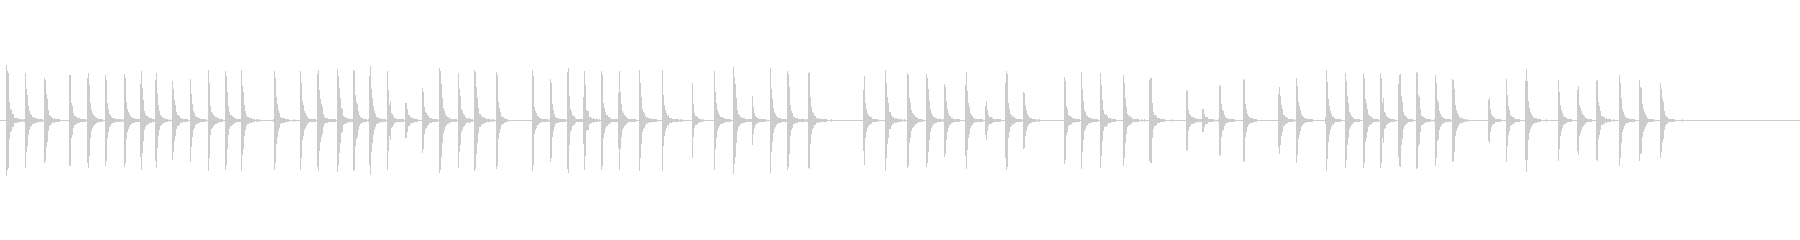 板金のハンマーの未再生の波形